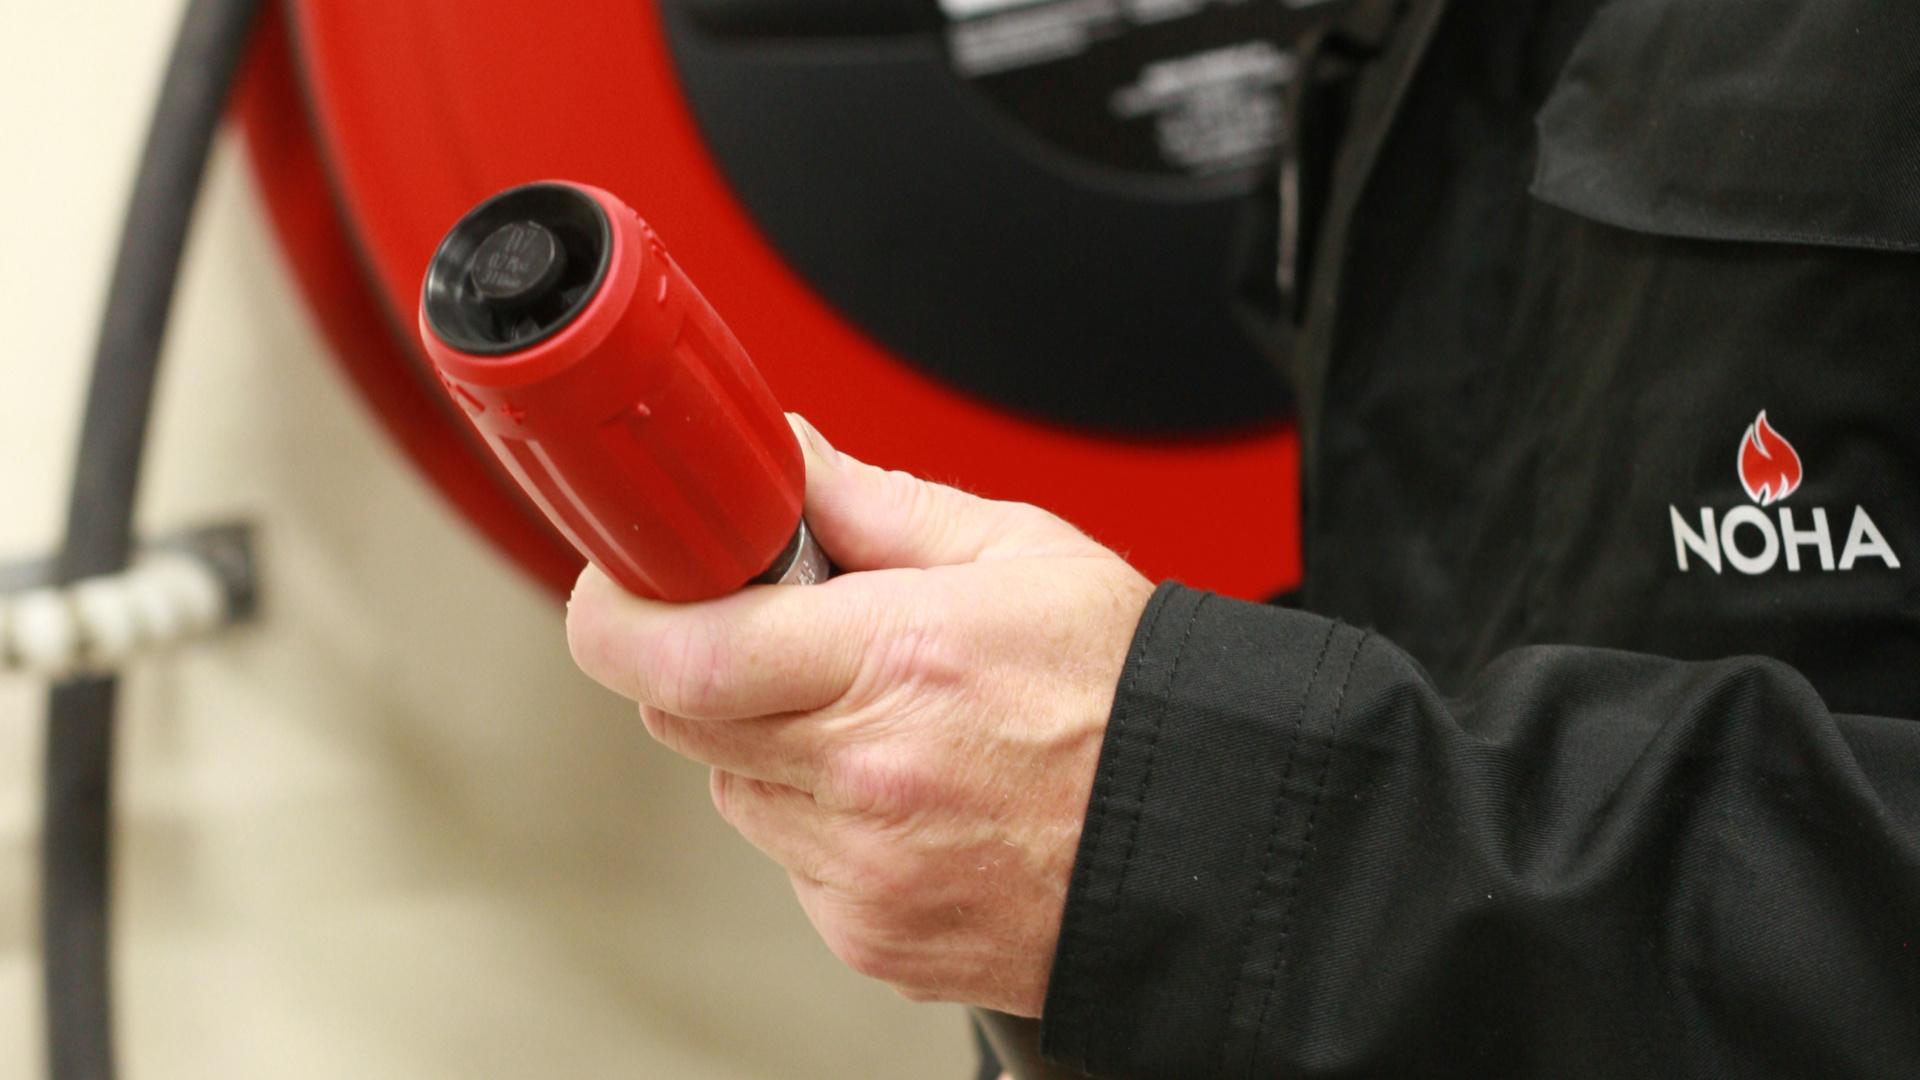 Kontroll og vedlikehold av brannslangetrommel